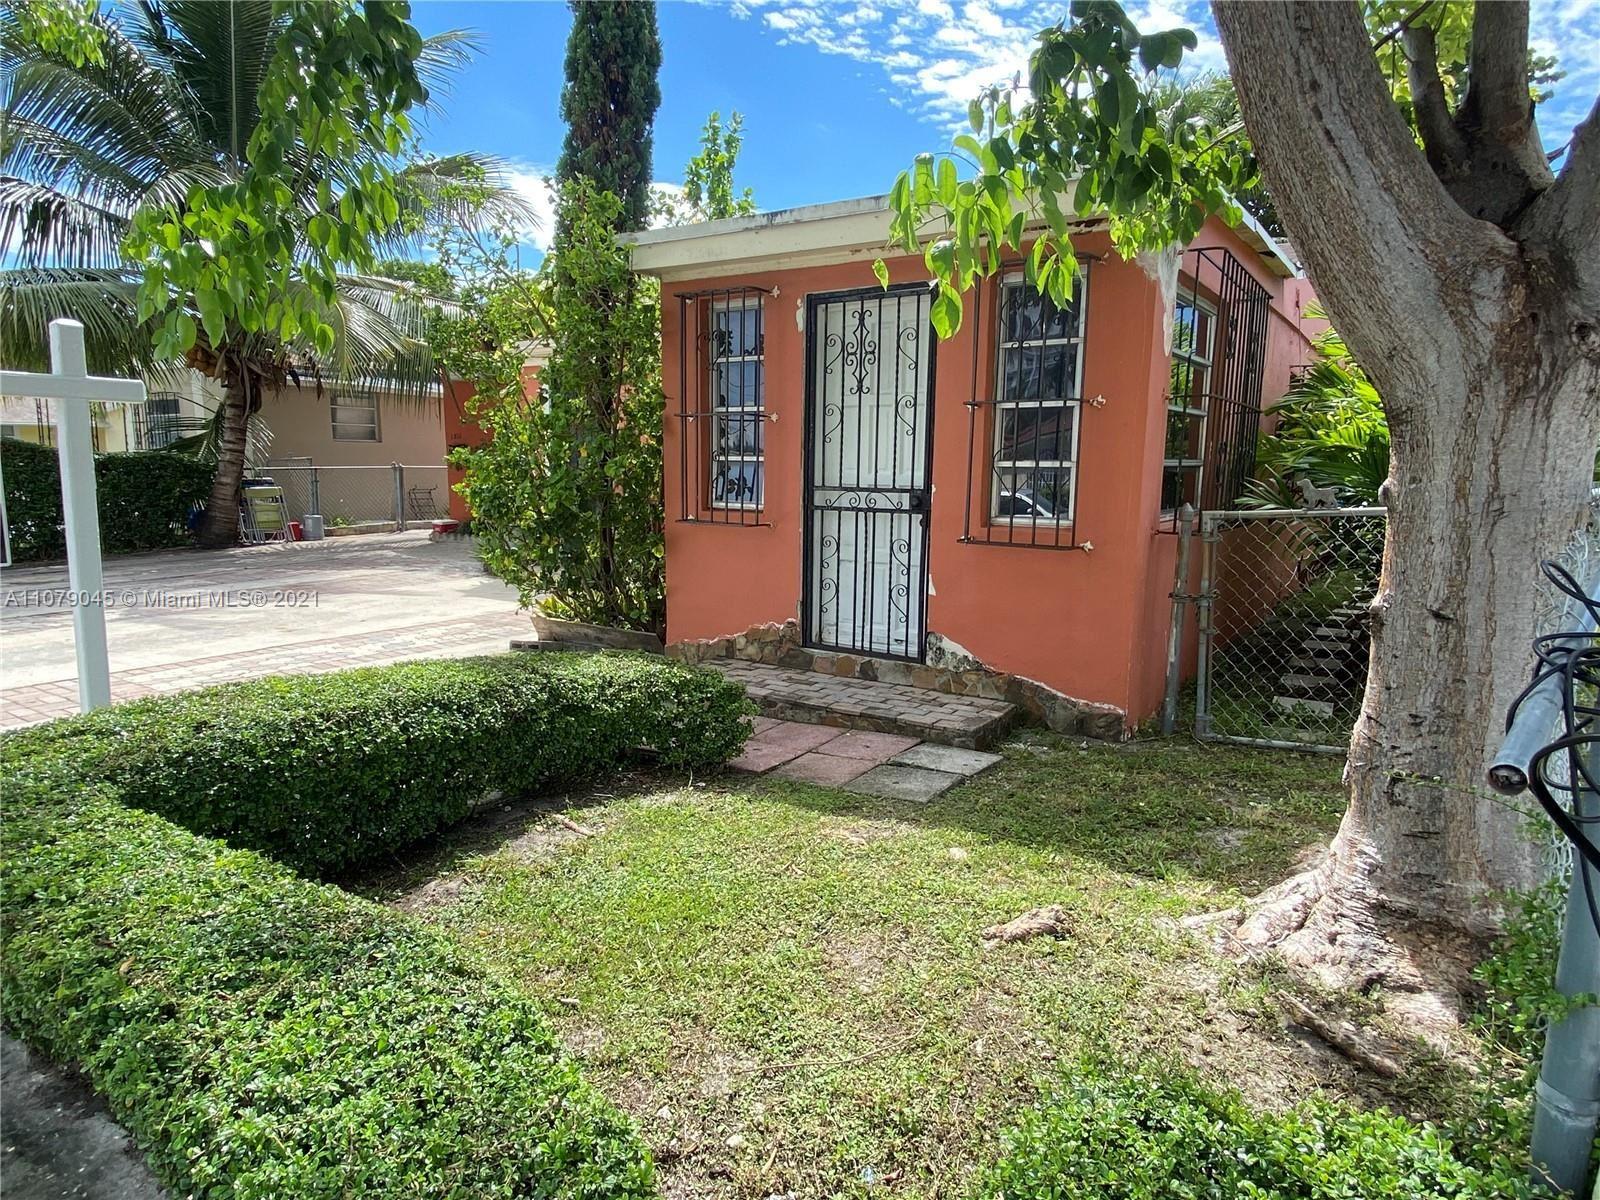 1810 NW 5th St, Miami, FL 33125 - #: A11079045